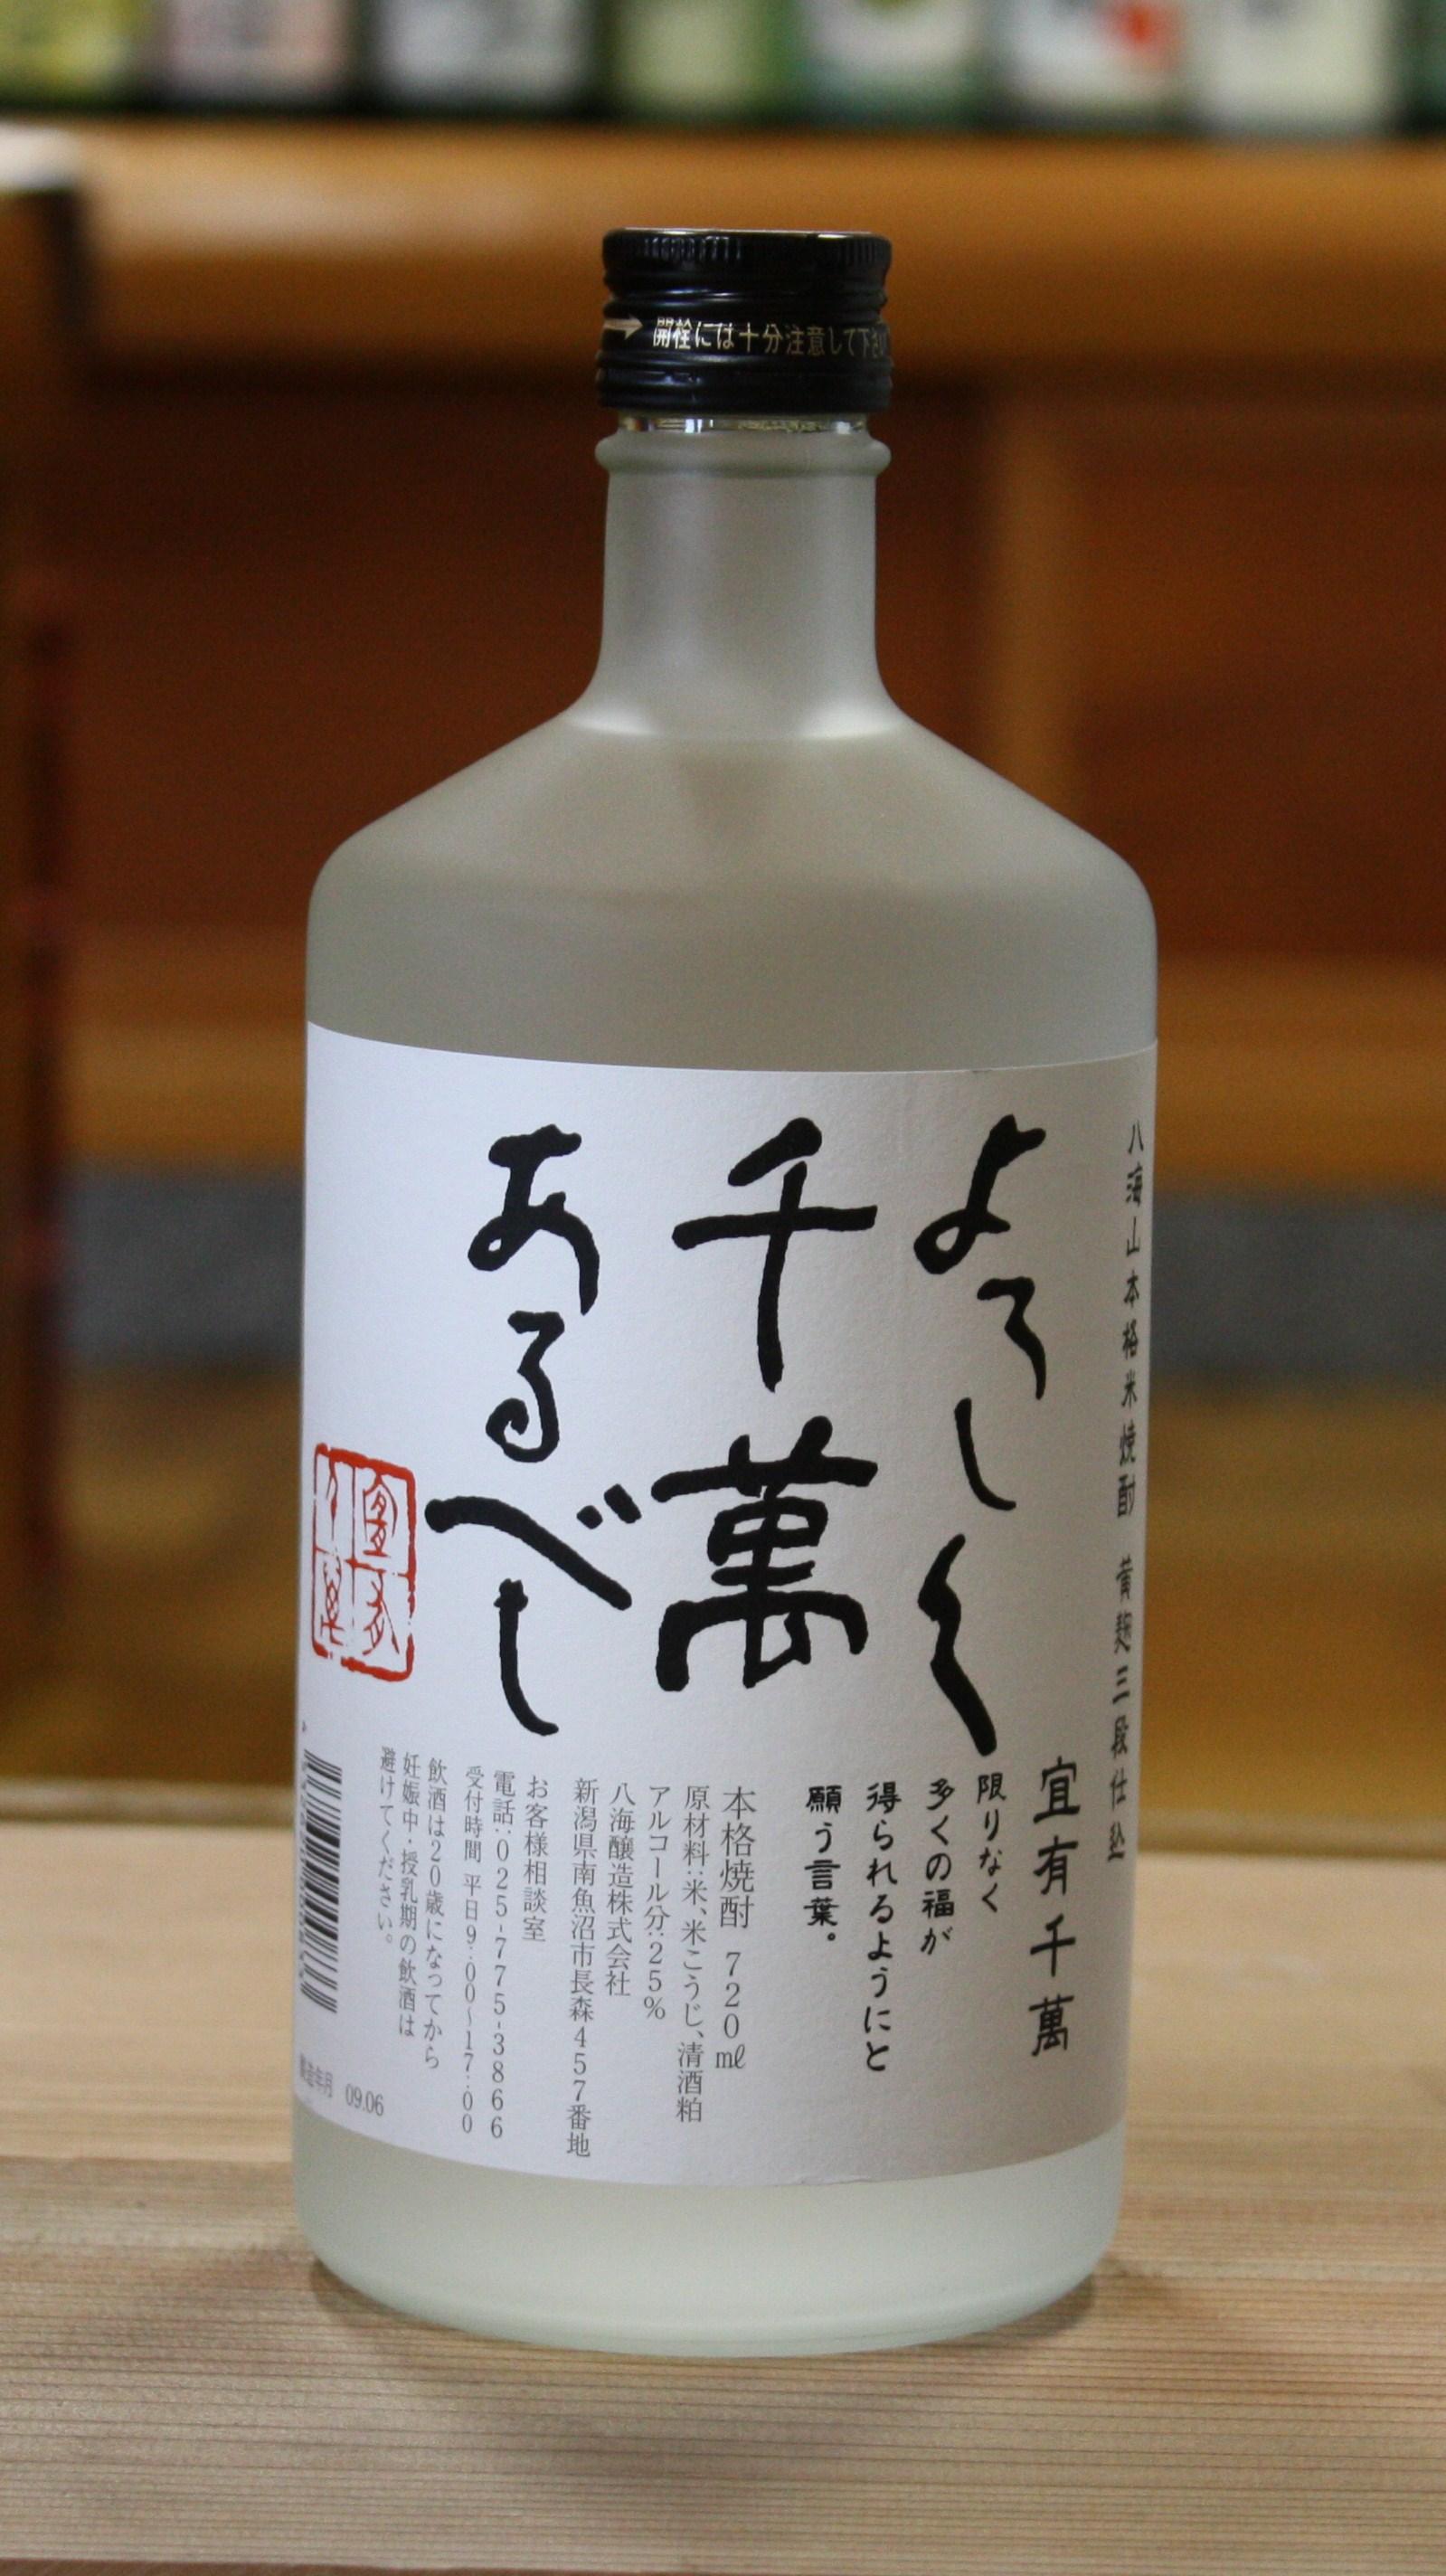 八海山「宜有千萬(よろしくせんまんあるべし)」 25度 (720ml)【新潟/八海醸造】